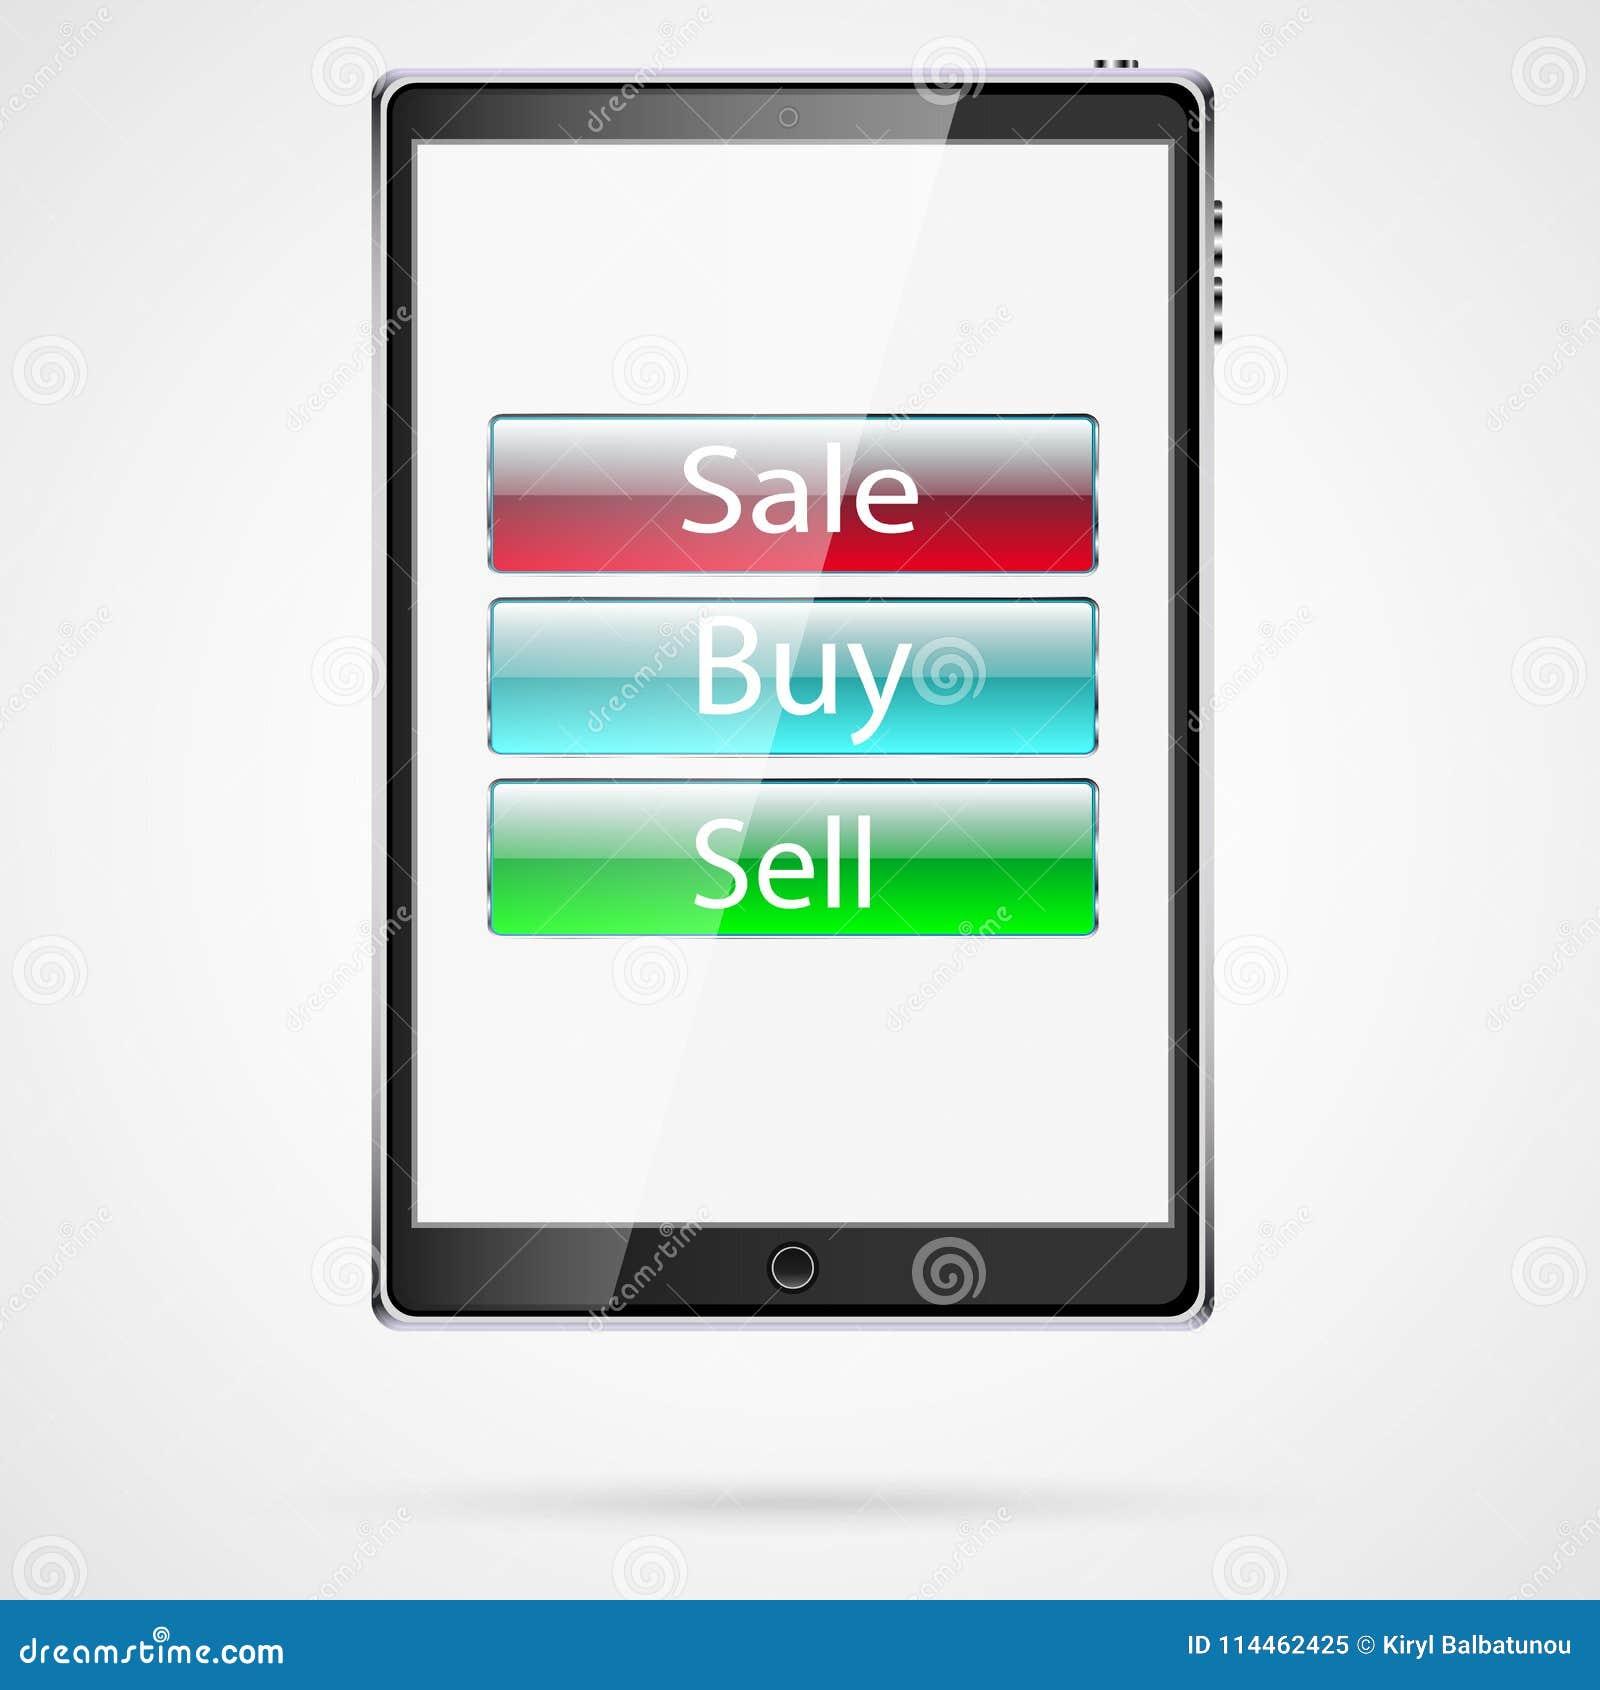 De grote zwarte realistische mobiele slimme touch-sensitive slanke tabletcomputer met schaduw met de verkoop van glasknopen, koop